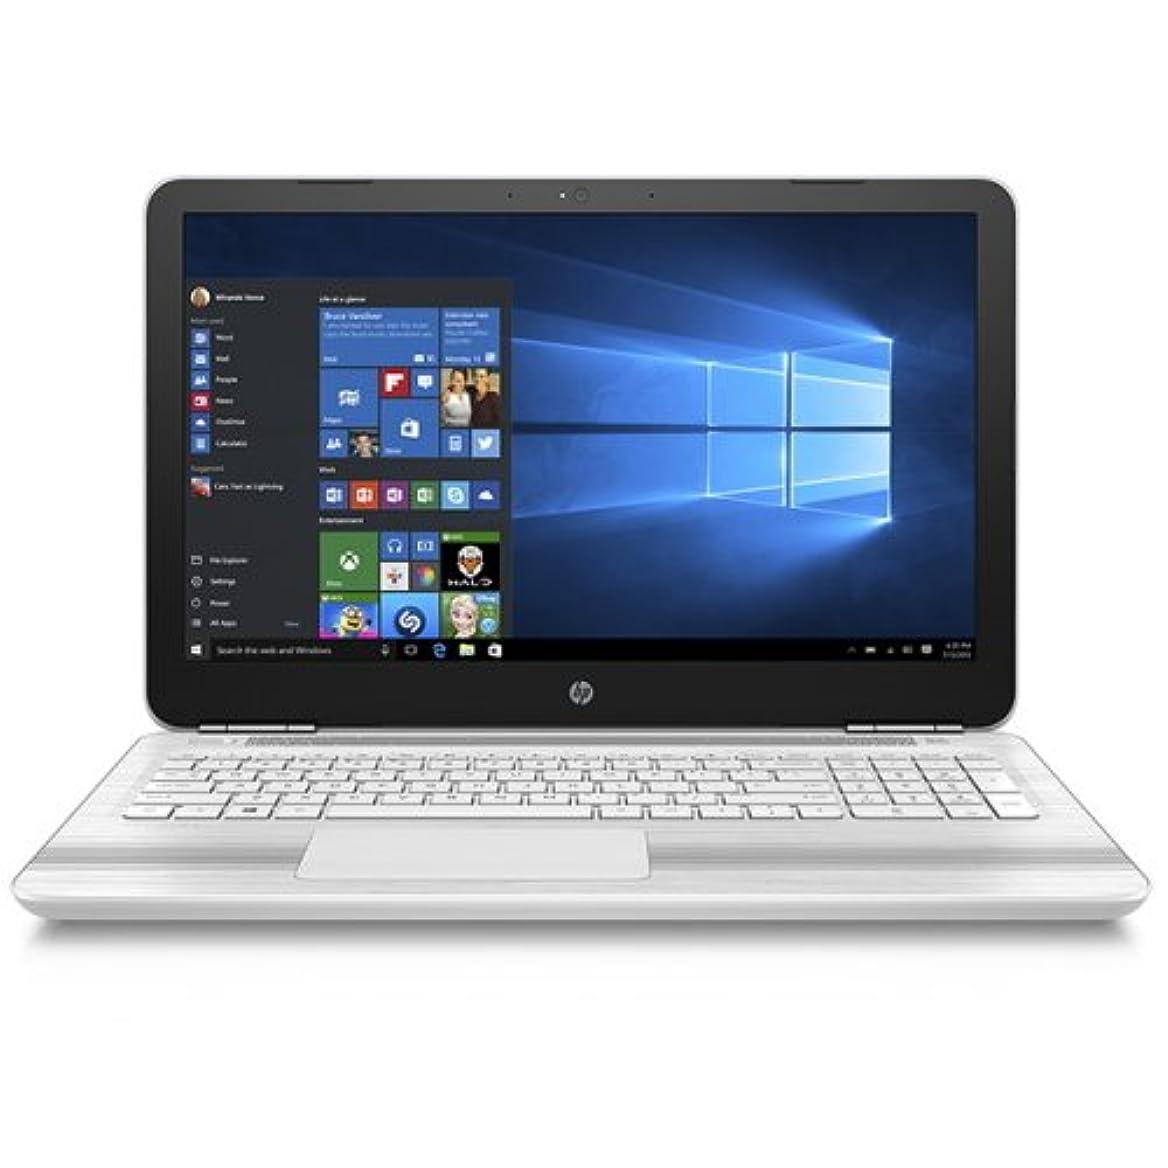 比喩省一【フルHD液晶】HP Pavilion 15-au100 Windows10 Home 64bit 第7世代Corei5-7200U 4GB 大容量1TB DVDスーパーマルチ 高速無線LAN IEEE802.11ac/a/b/g/n Bluetooth 92万画素webカメラ 10キー付バックライトキーボード B&O Playデュアルスピーカー 15.6型フルHD液晶ノートパソコン ブリザードホワイト